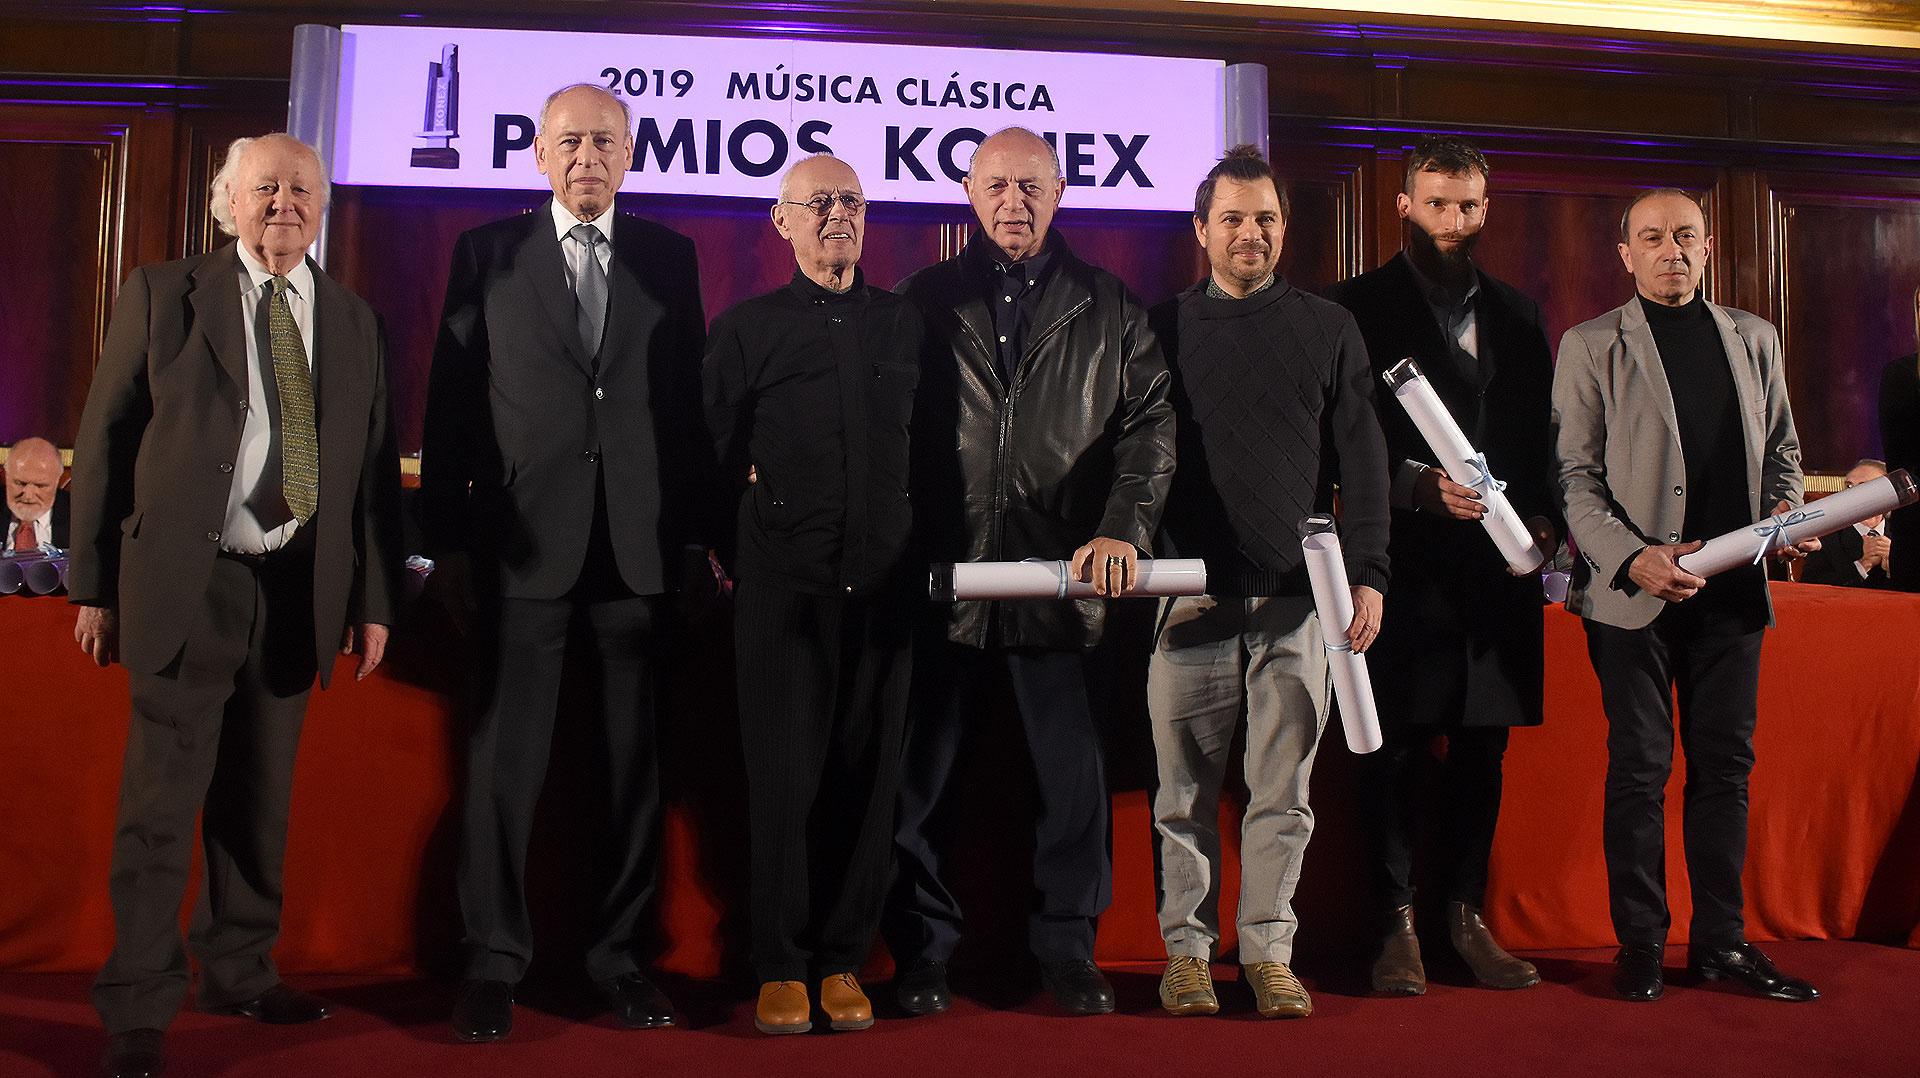 En la categoría de coreógrafo, Oscar Araiz, en representación de Analía González Manuel Ablin, Carlos Trunsky, en representación de Demis Volpi Mario Galizzi y Mauricio Wainrot